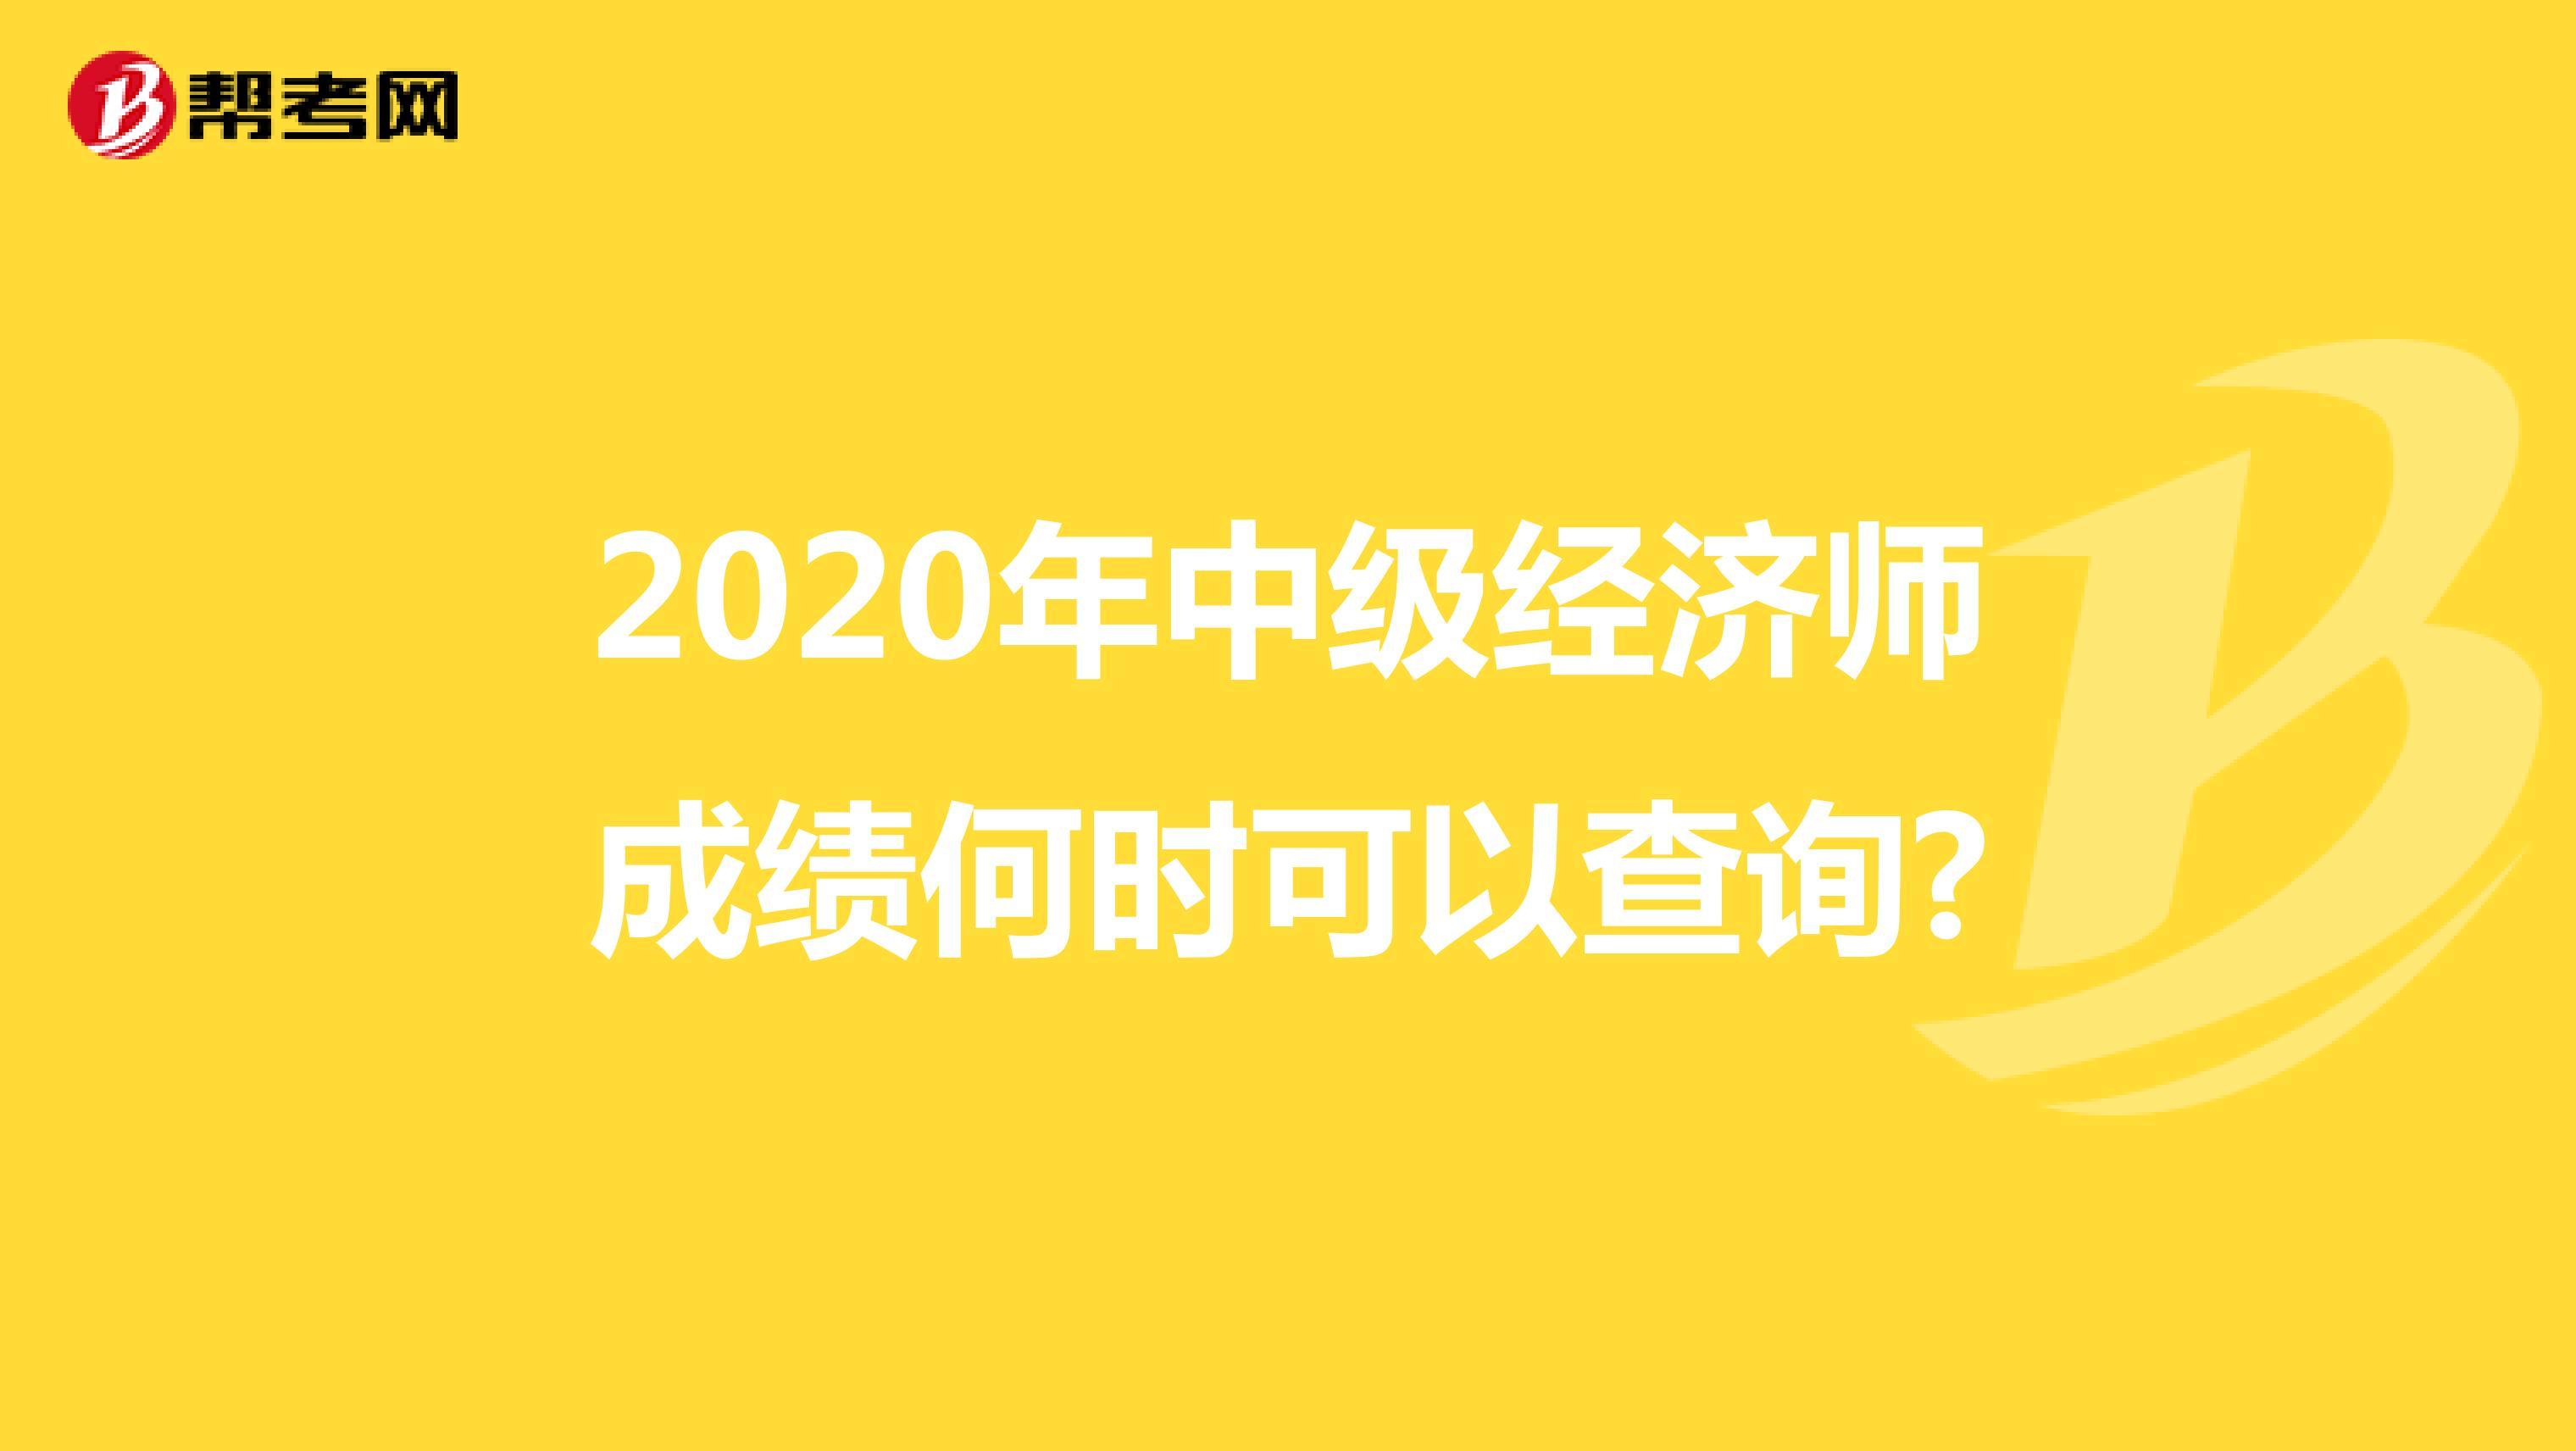 2020年中級經濟師成績何時可以查詢?